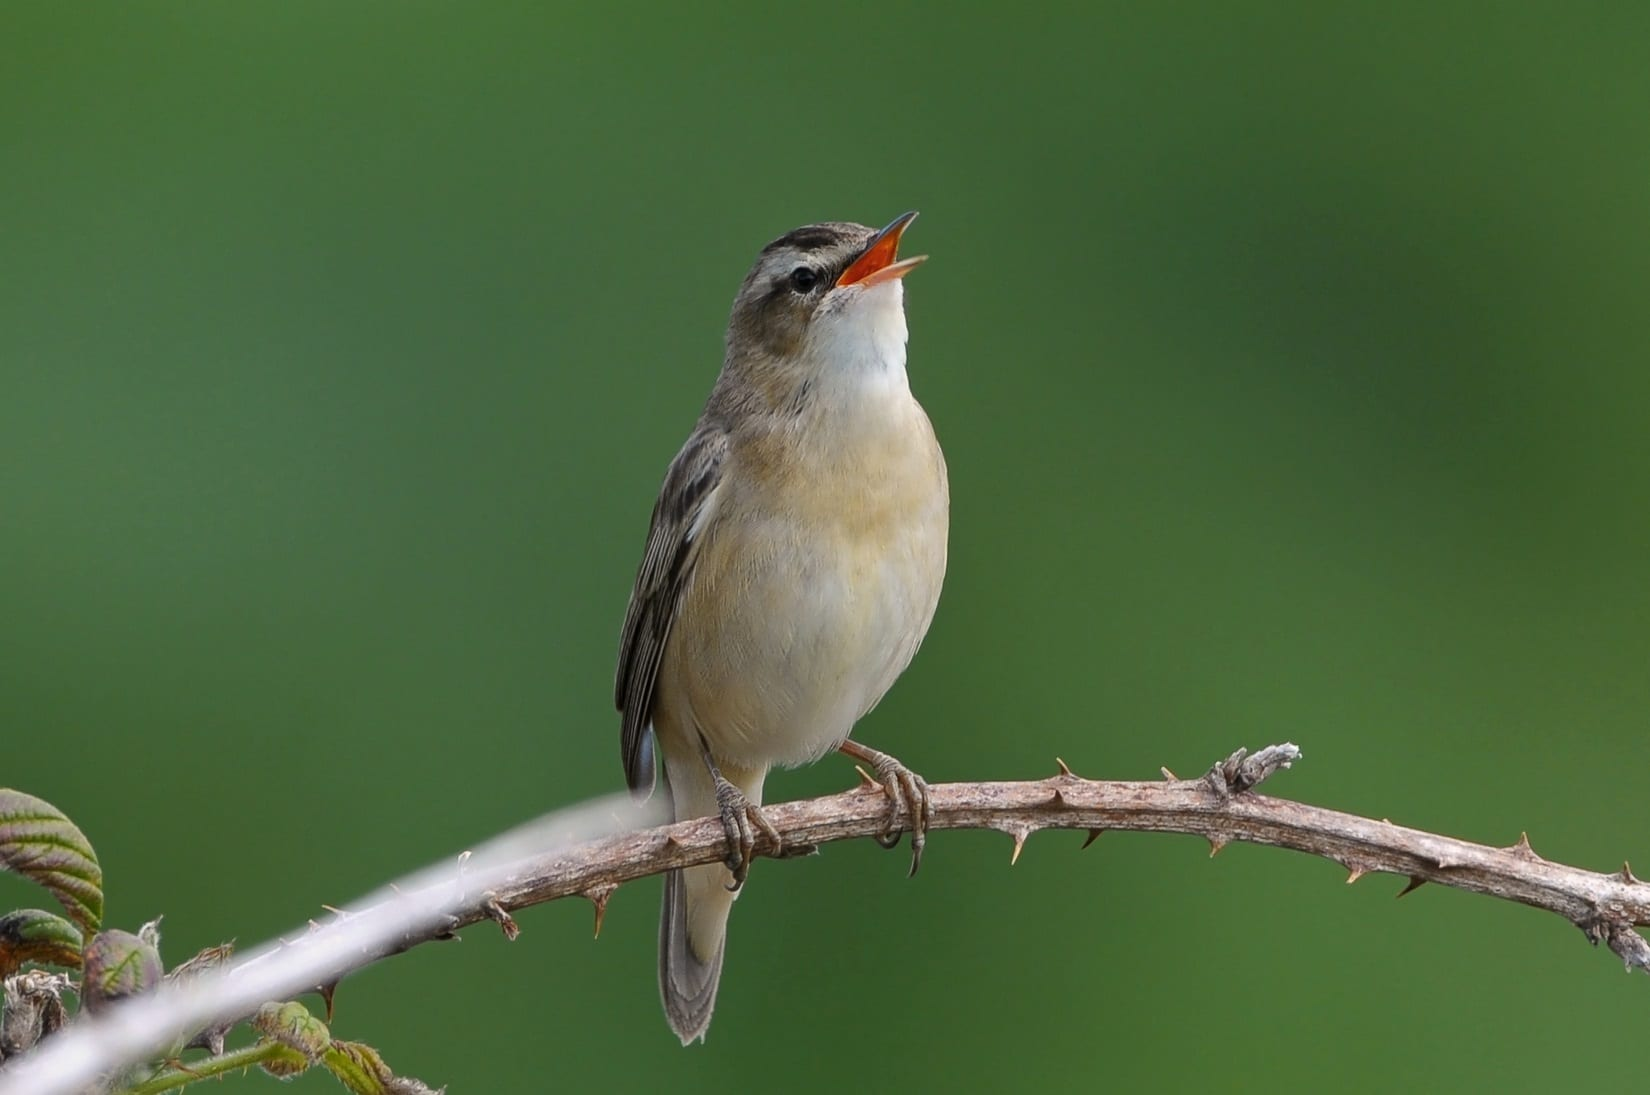 sedge-warbler-singing-from-bramble